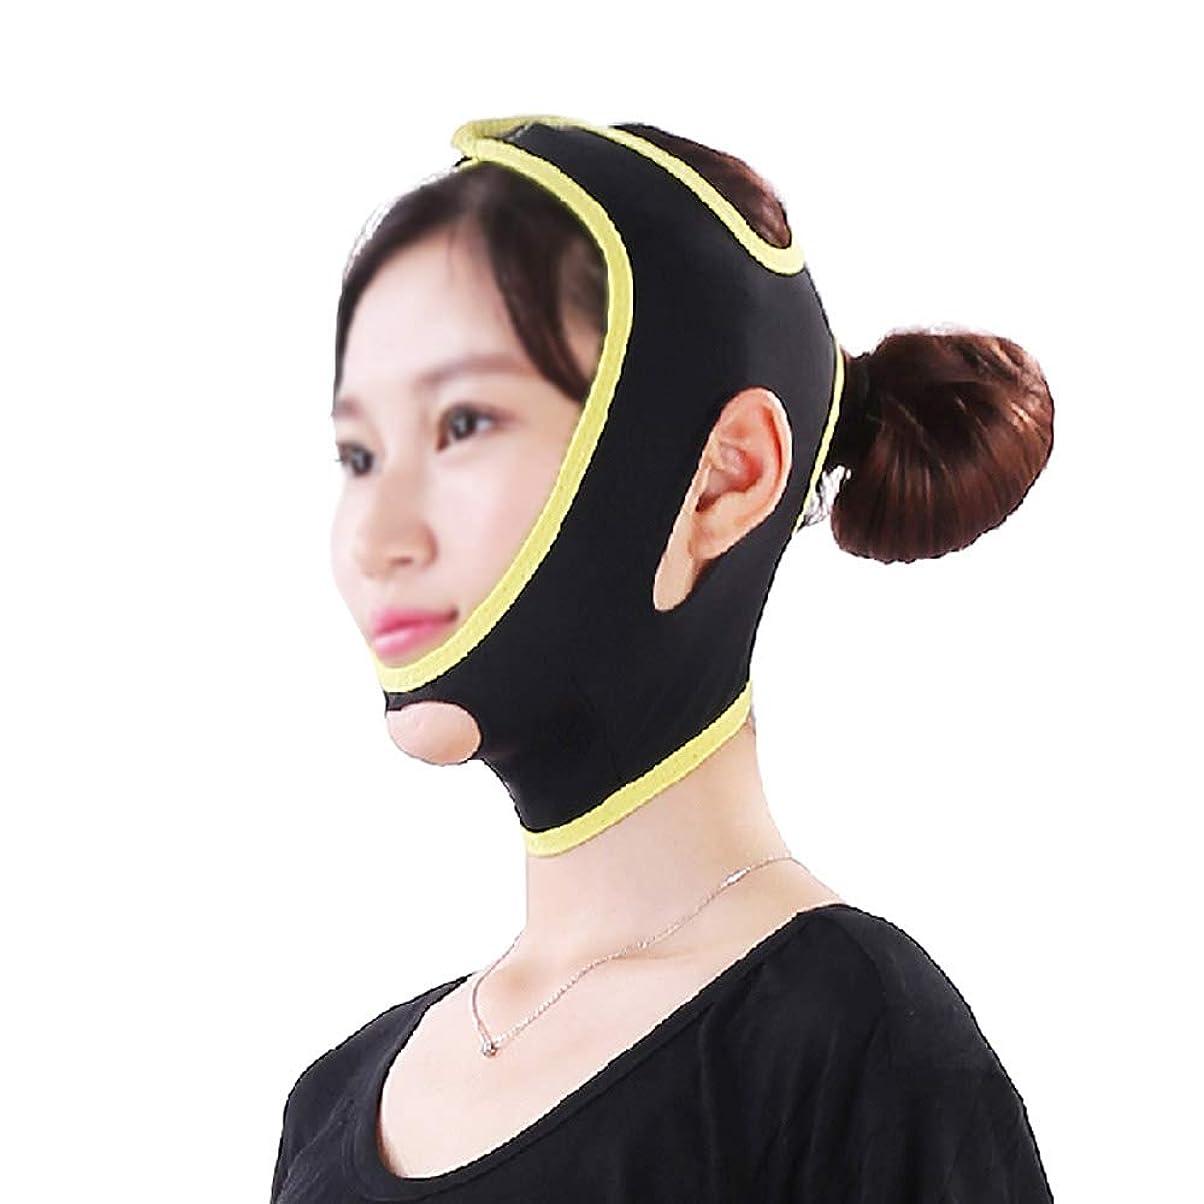 十億同行するハーフGLJJQMY 顔と首のリフトVマスクは顔面の輪郭を強調し、咬筋の引き締まったあごの超弾性包帯を緩和します 顔用整形マスク (Size : L)